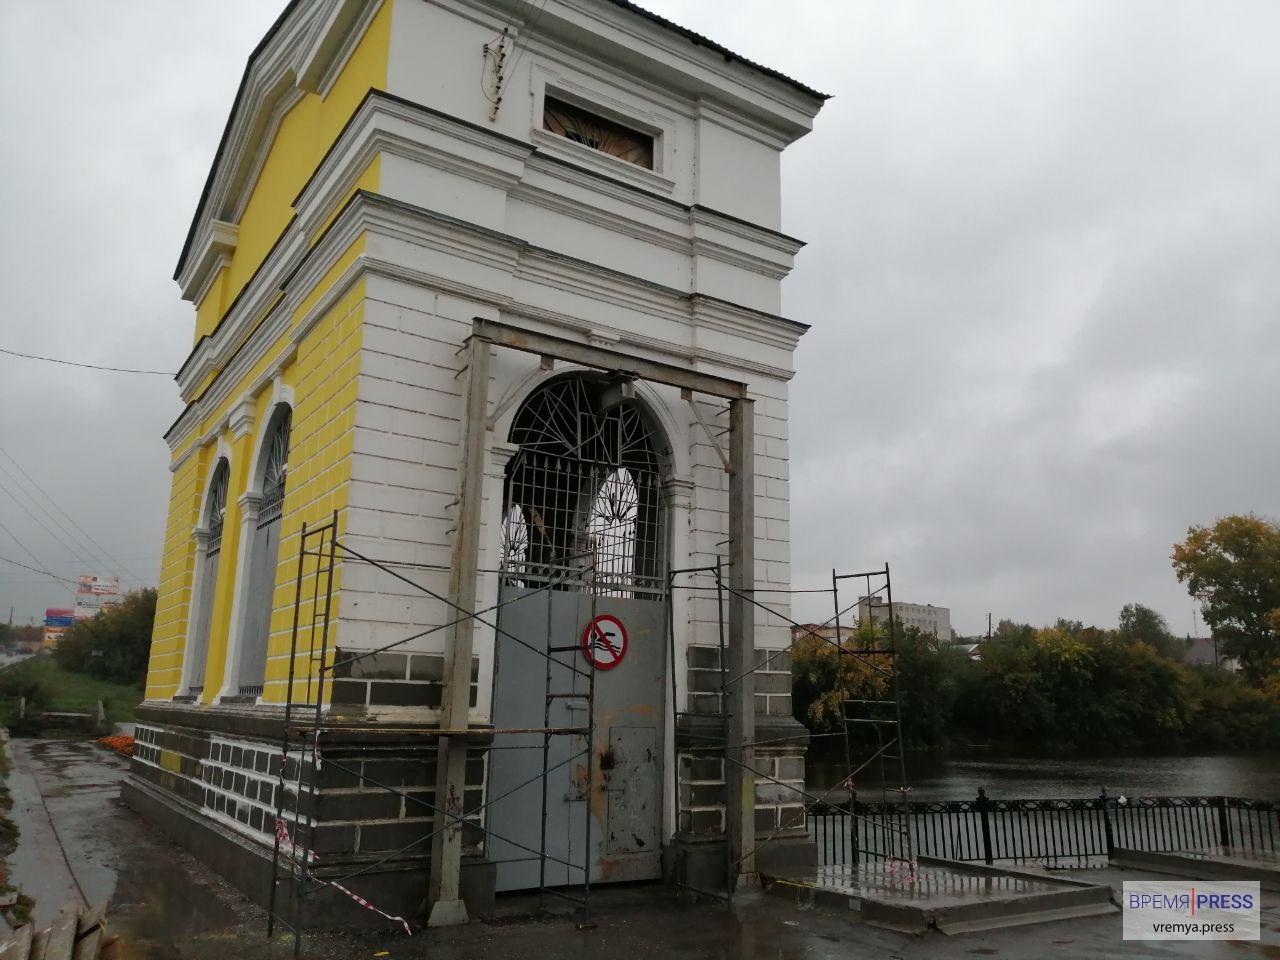 Водоканал Каменска-Уральского обновляет фасад плотины по Карла Маркса